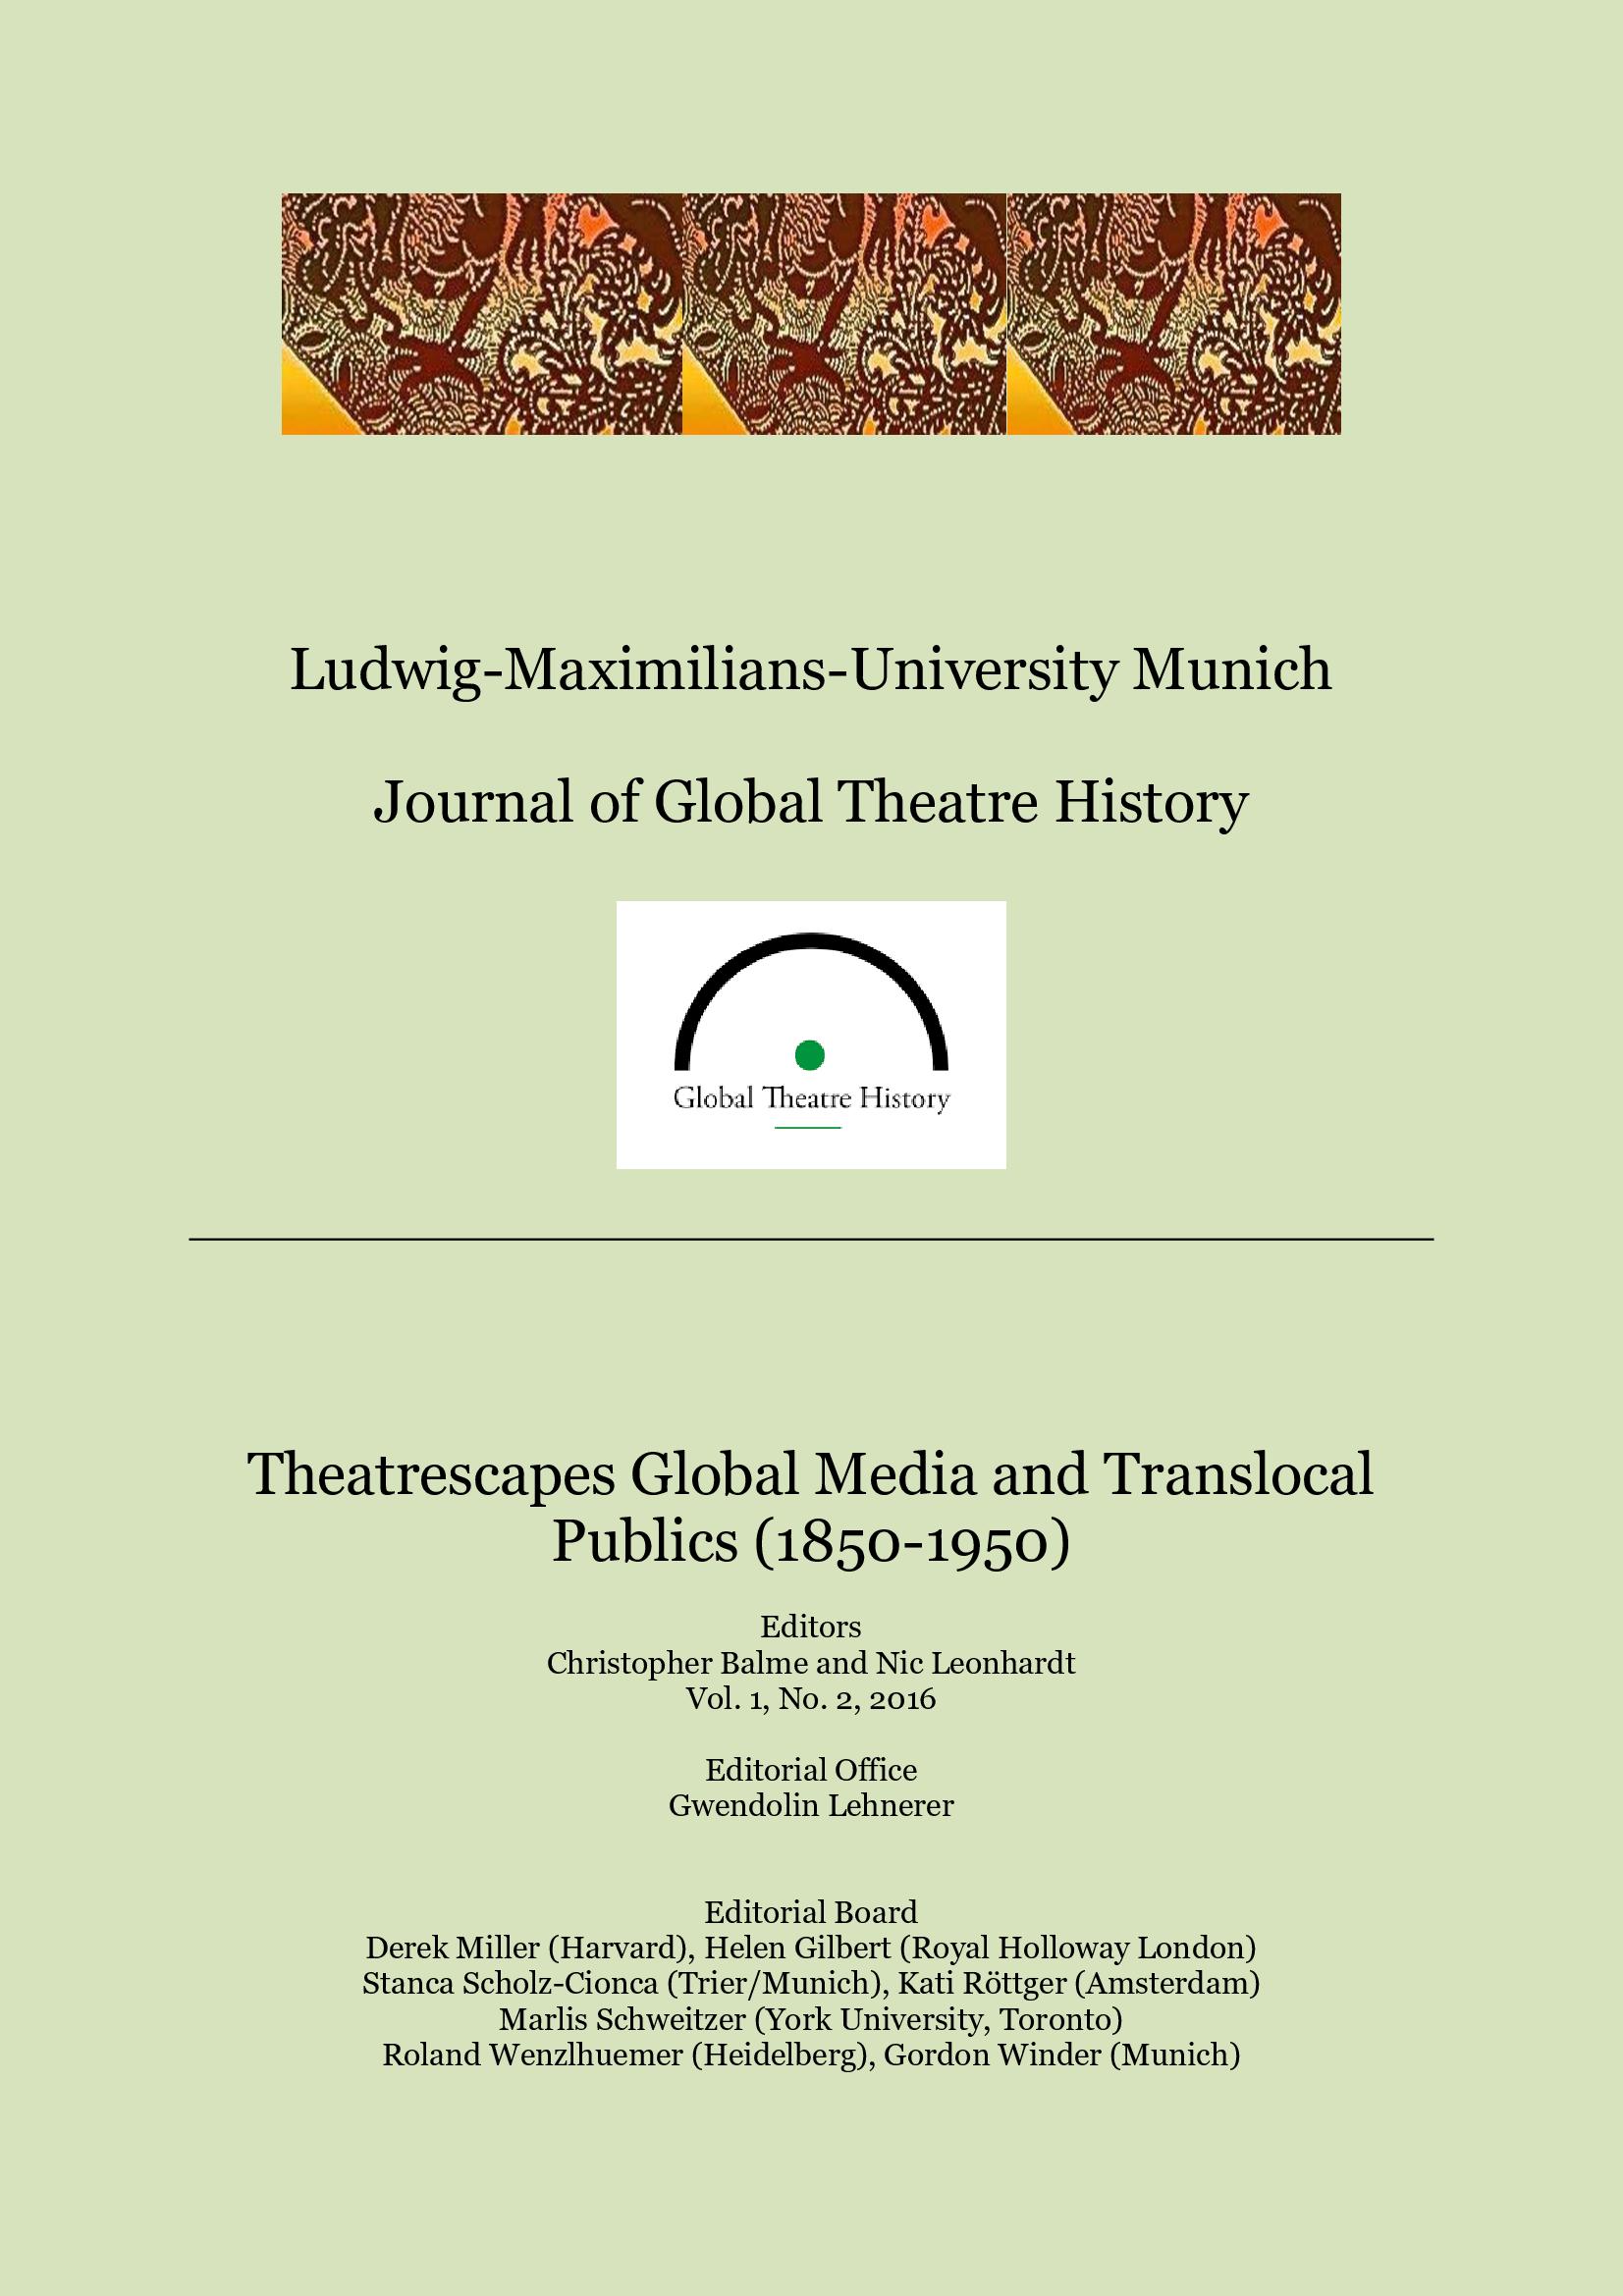 View Vol. 1 No. 2 (2016): Theatrescapes Global Media and Translocal Publics (1850-1950)